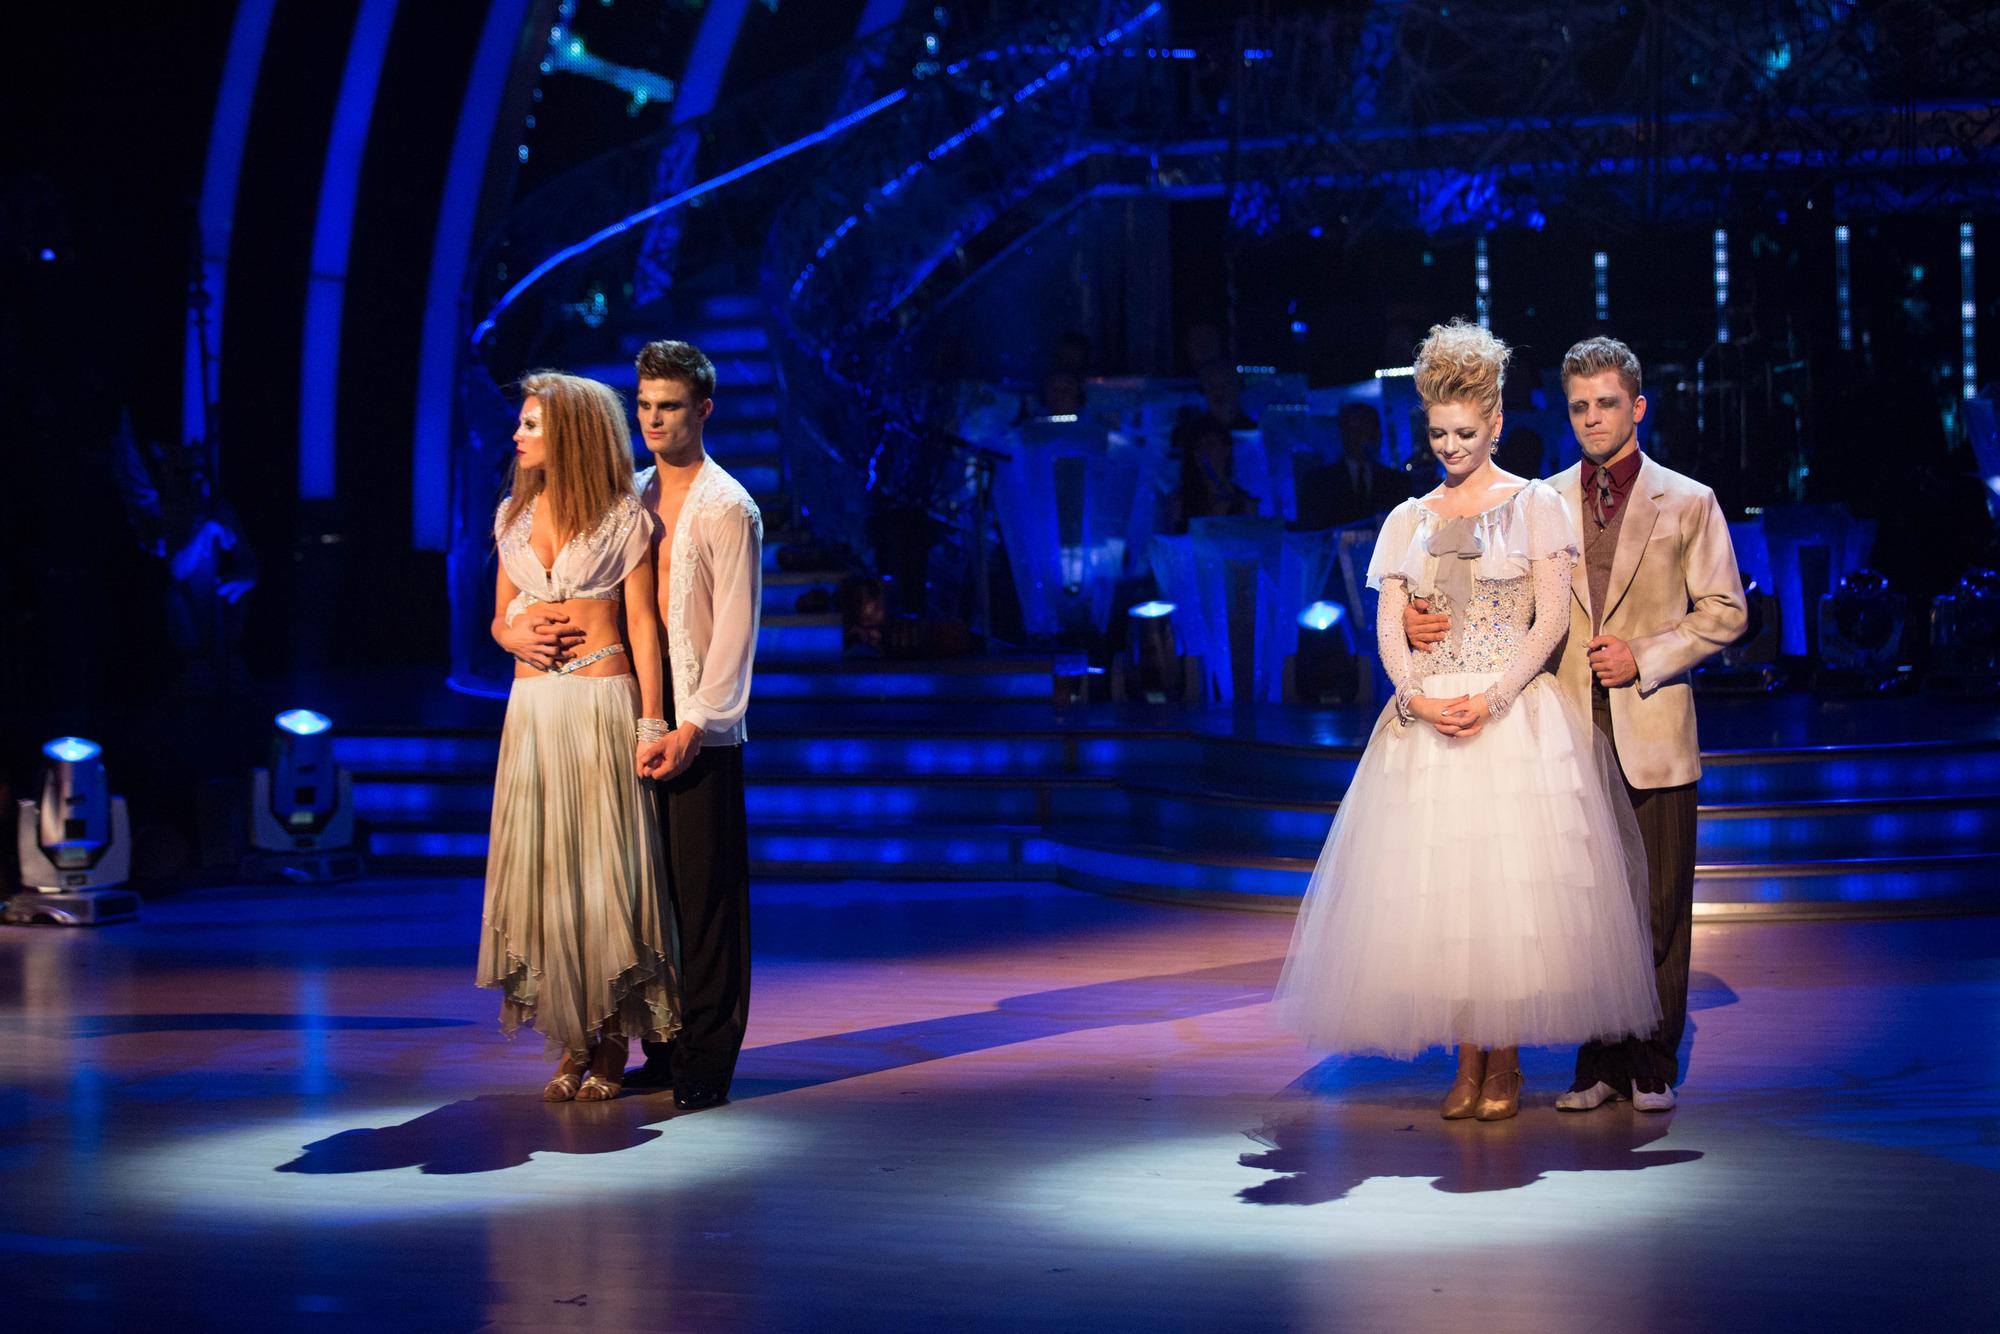 The bottom two couples Abbey Clancy, Aljaz Skorjanec, Rachel Riley, Pasha Kovalev - (C) BBC - Photographer: Guy Levy